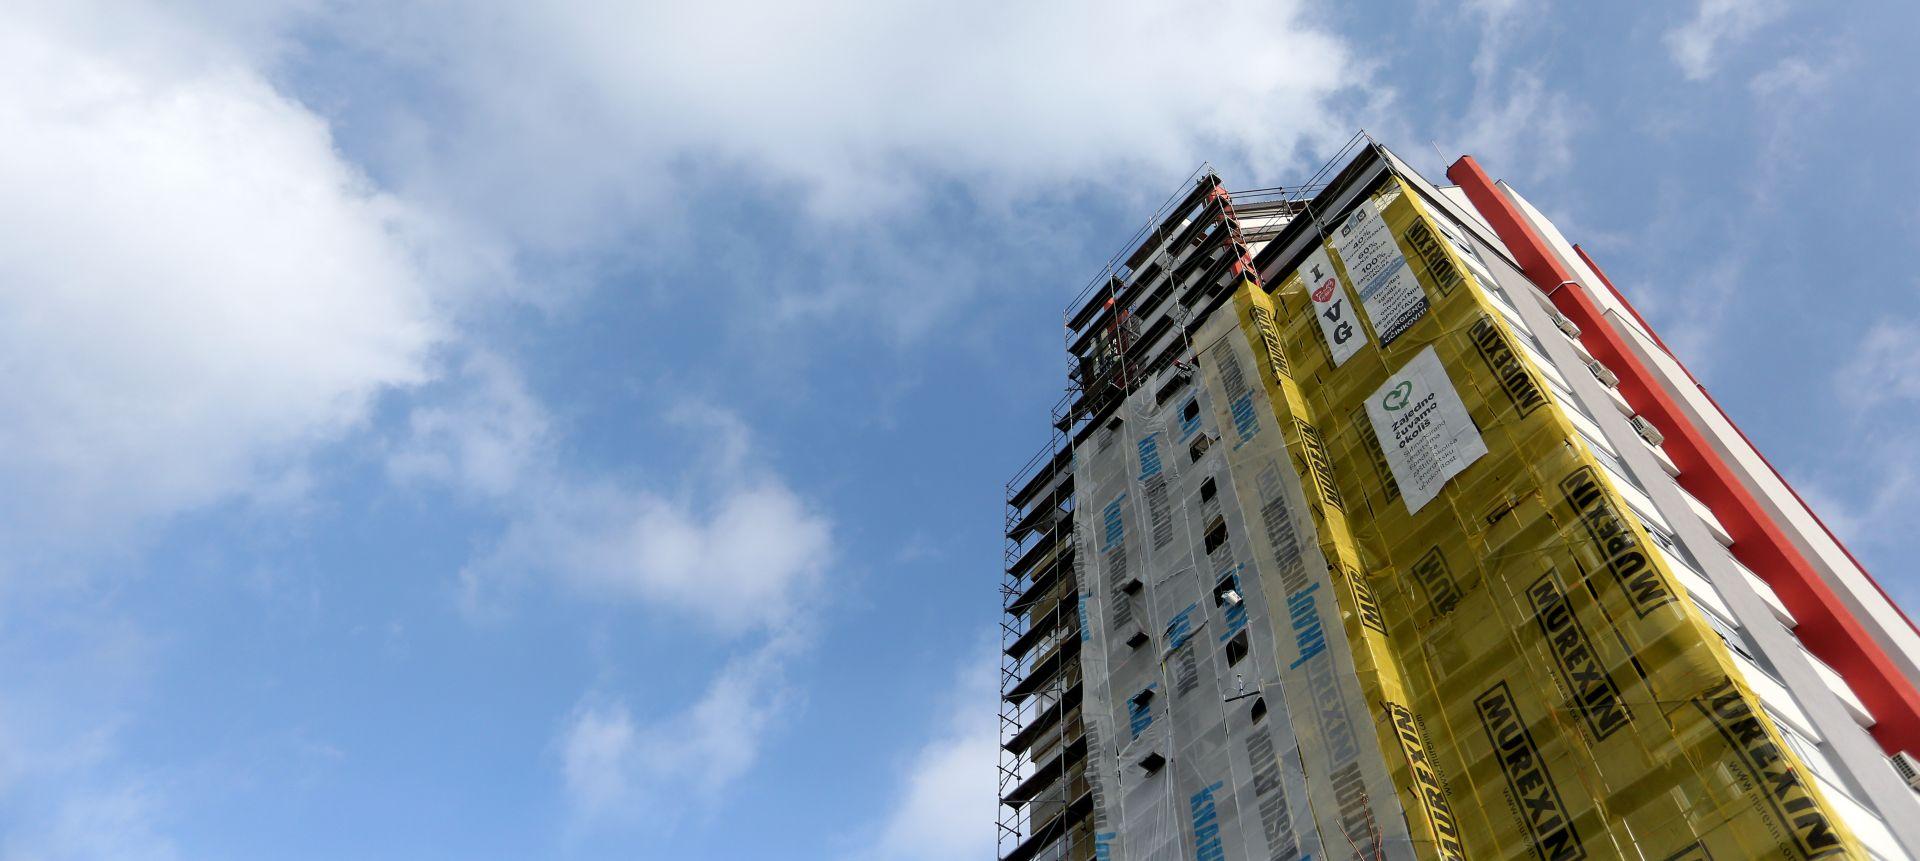 Za energetsku obnovu javnih zgrada osigurano 211,8 mln eura